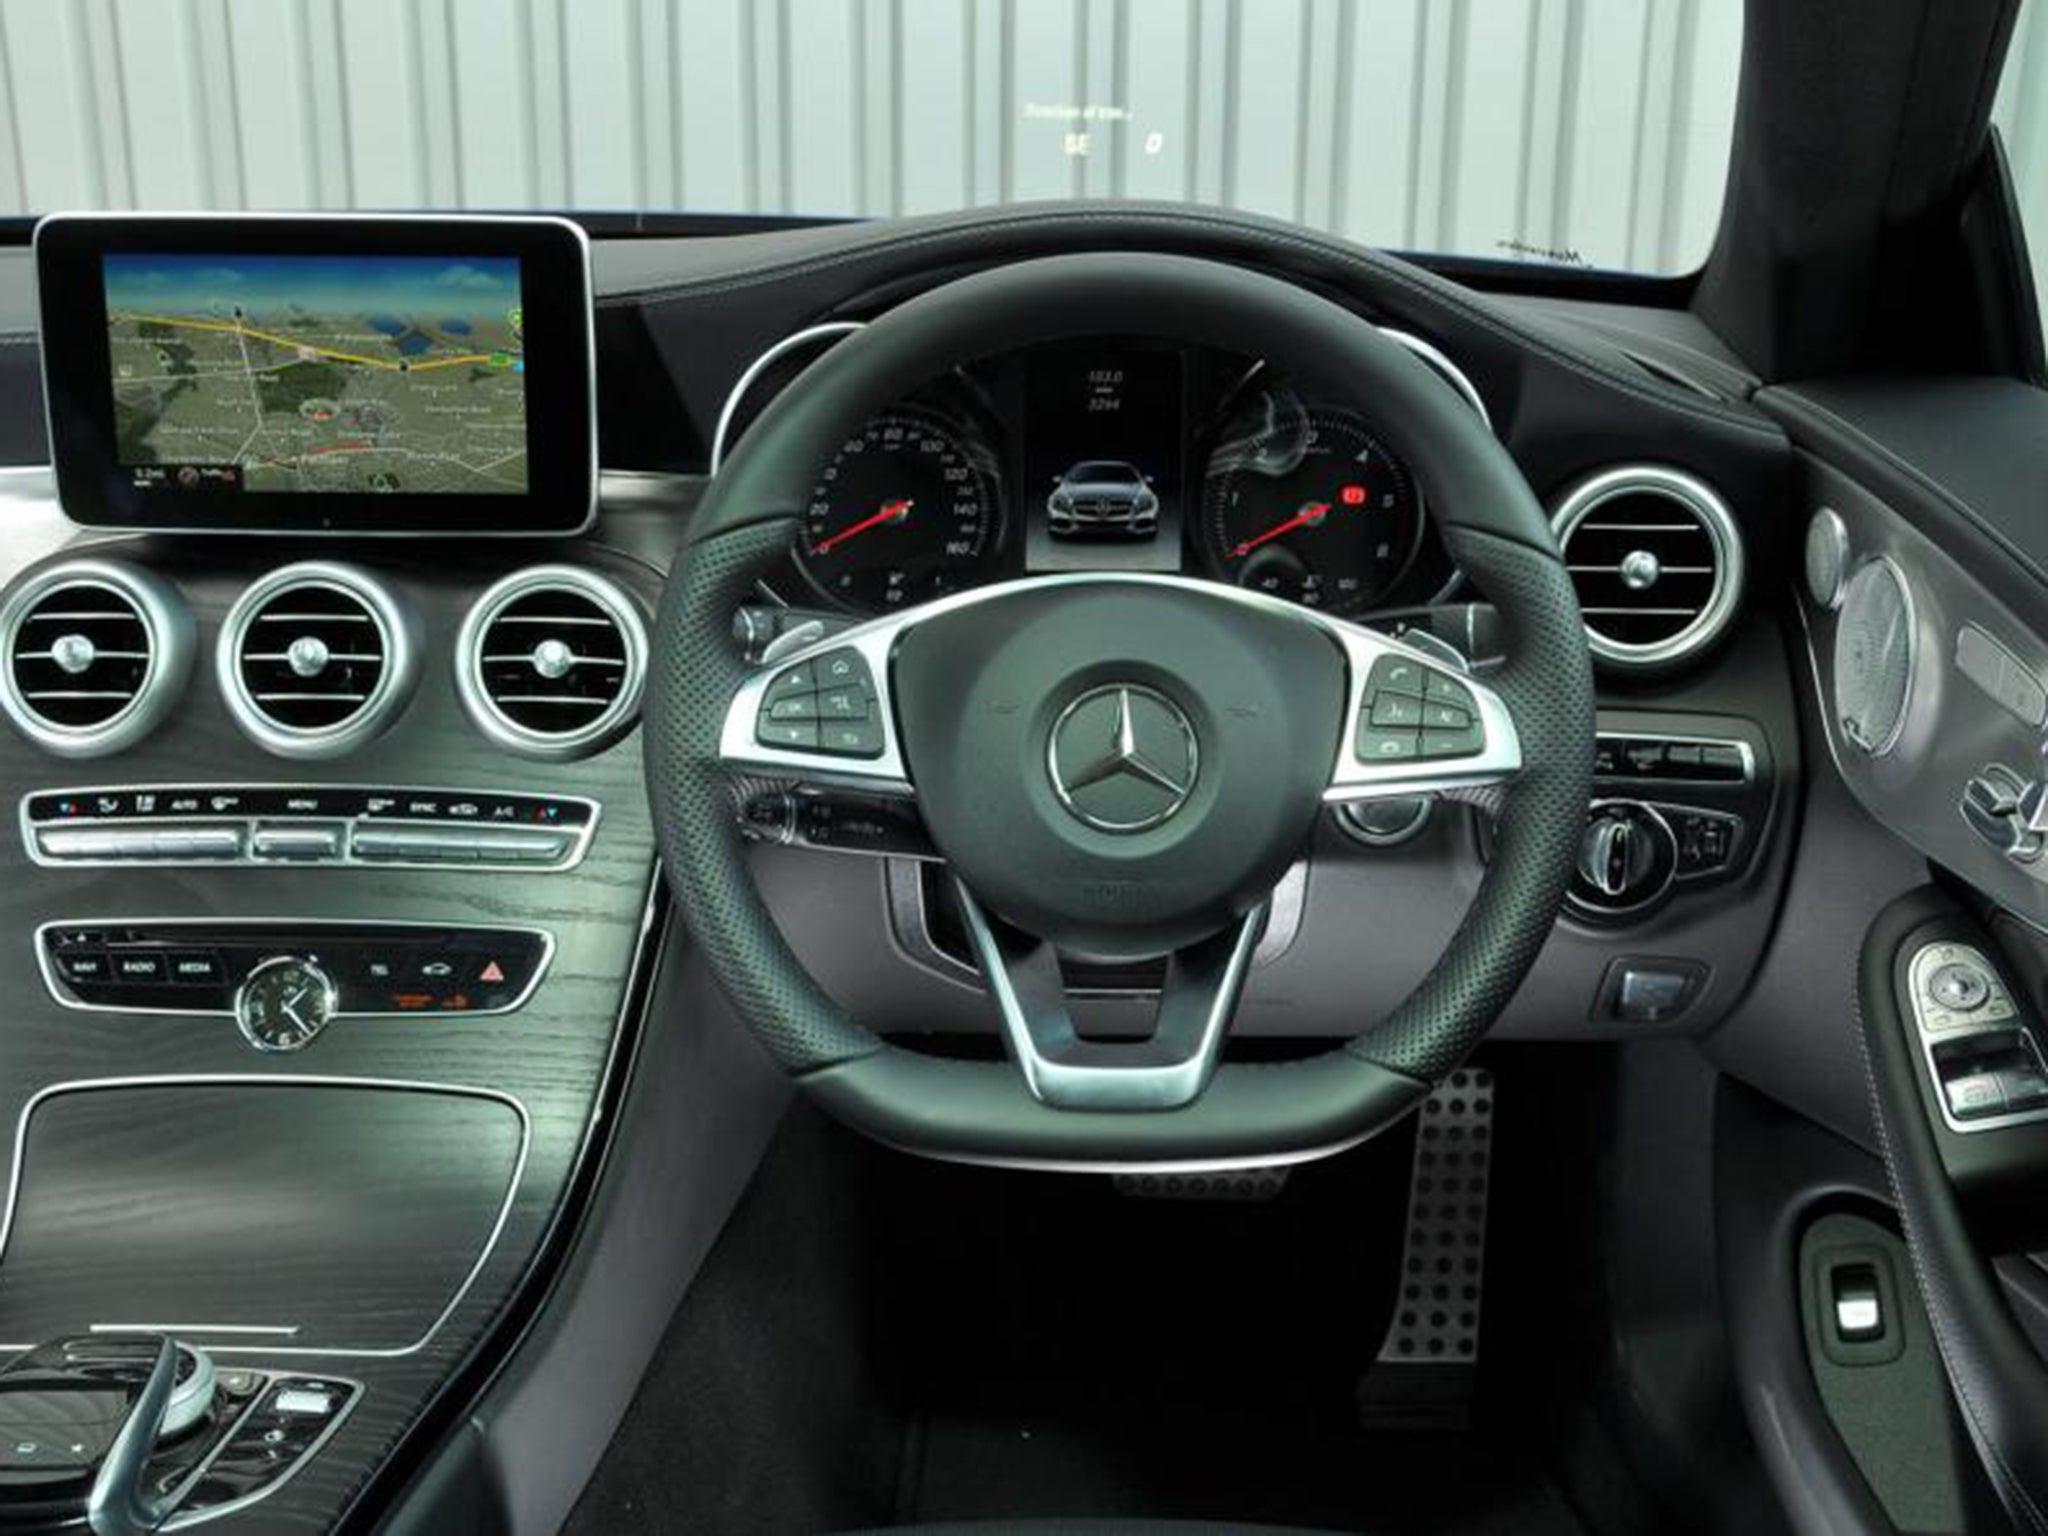 Mercedes-Benz C250 d AMG Line Coupe, car review: Air-suspension